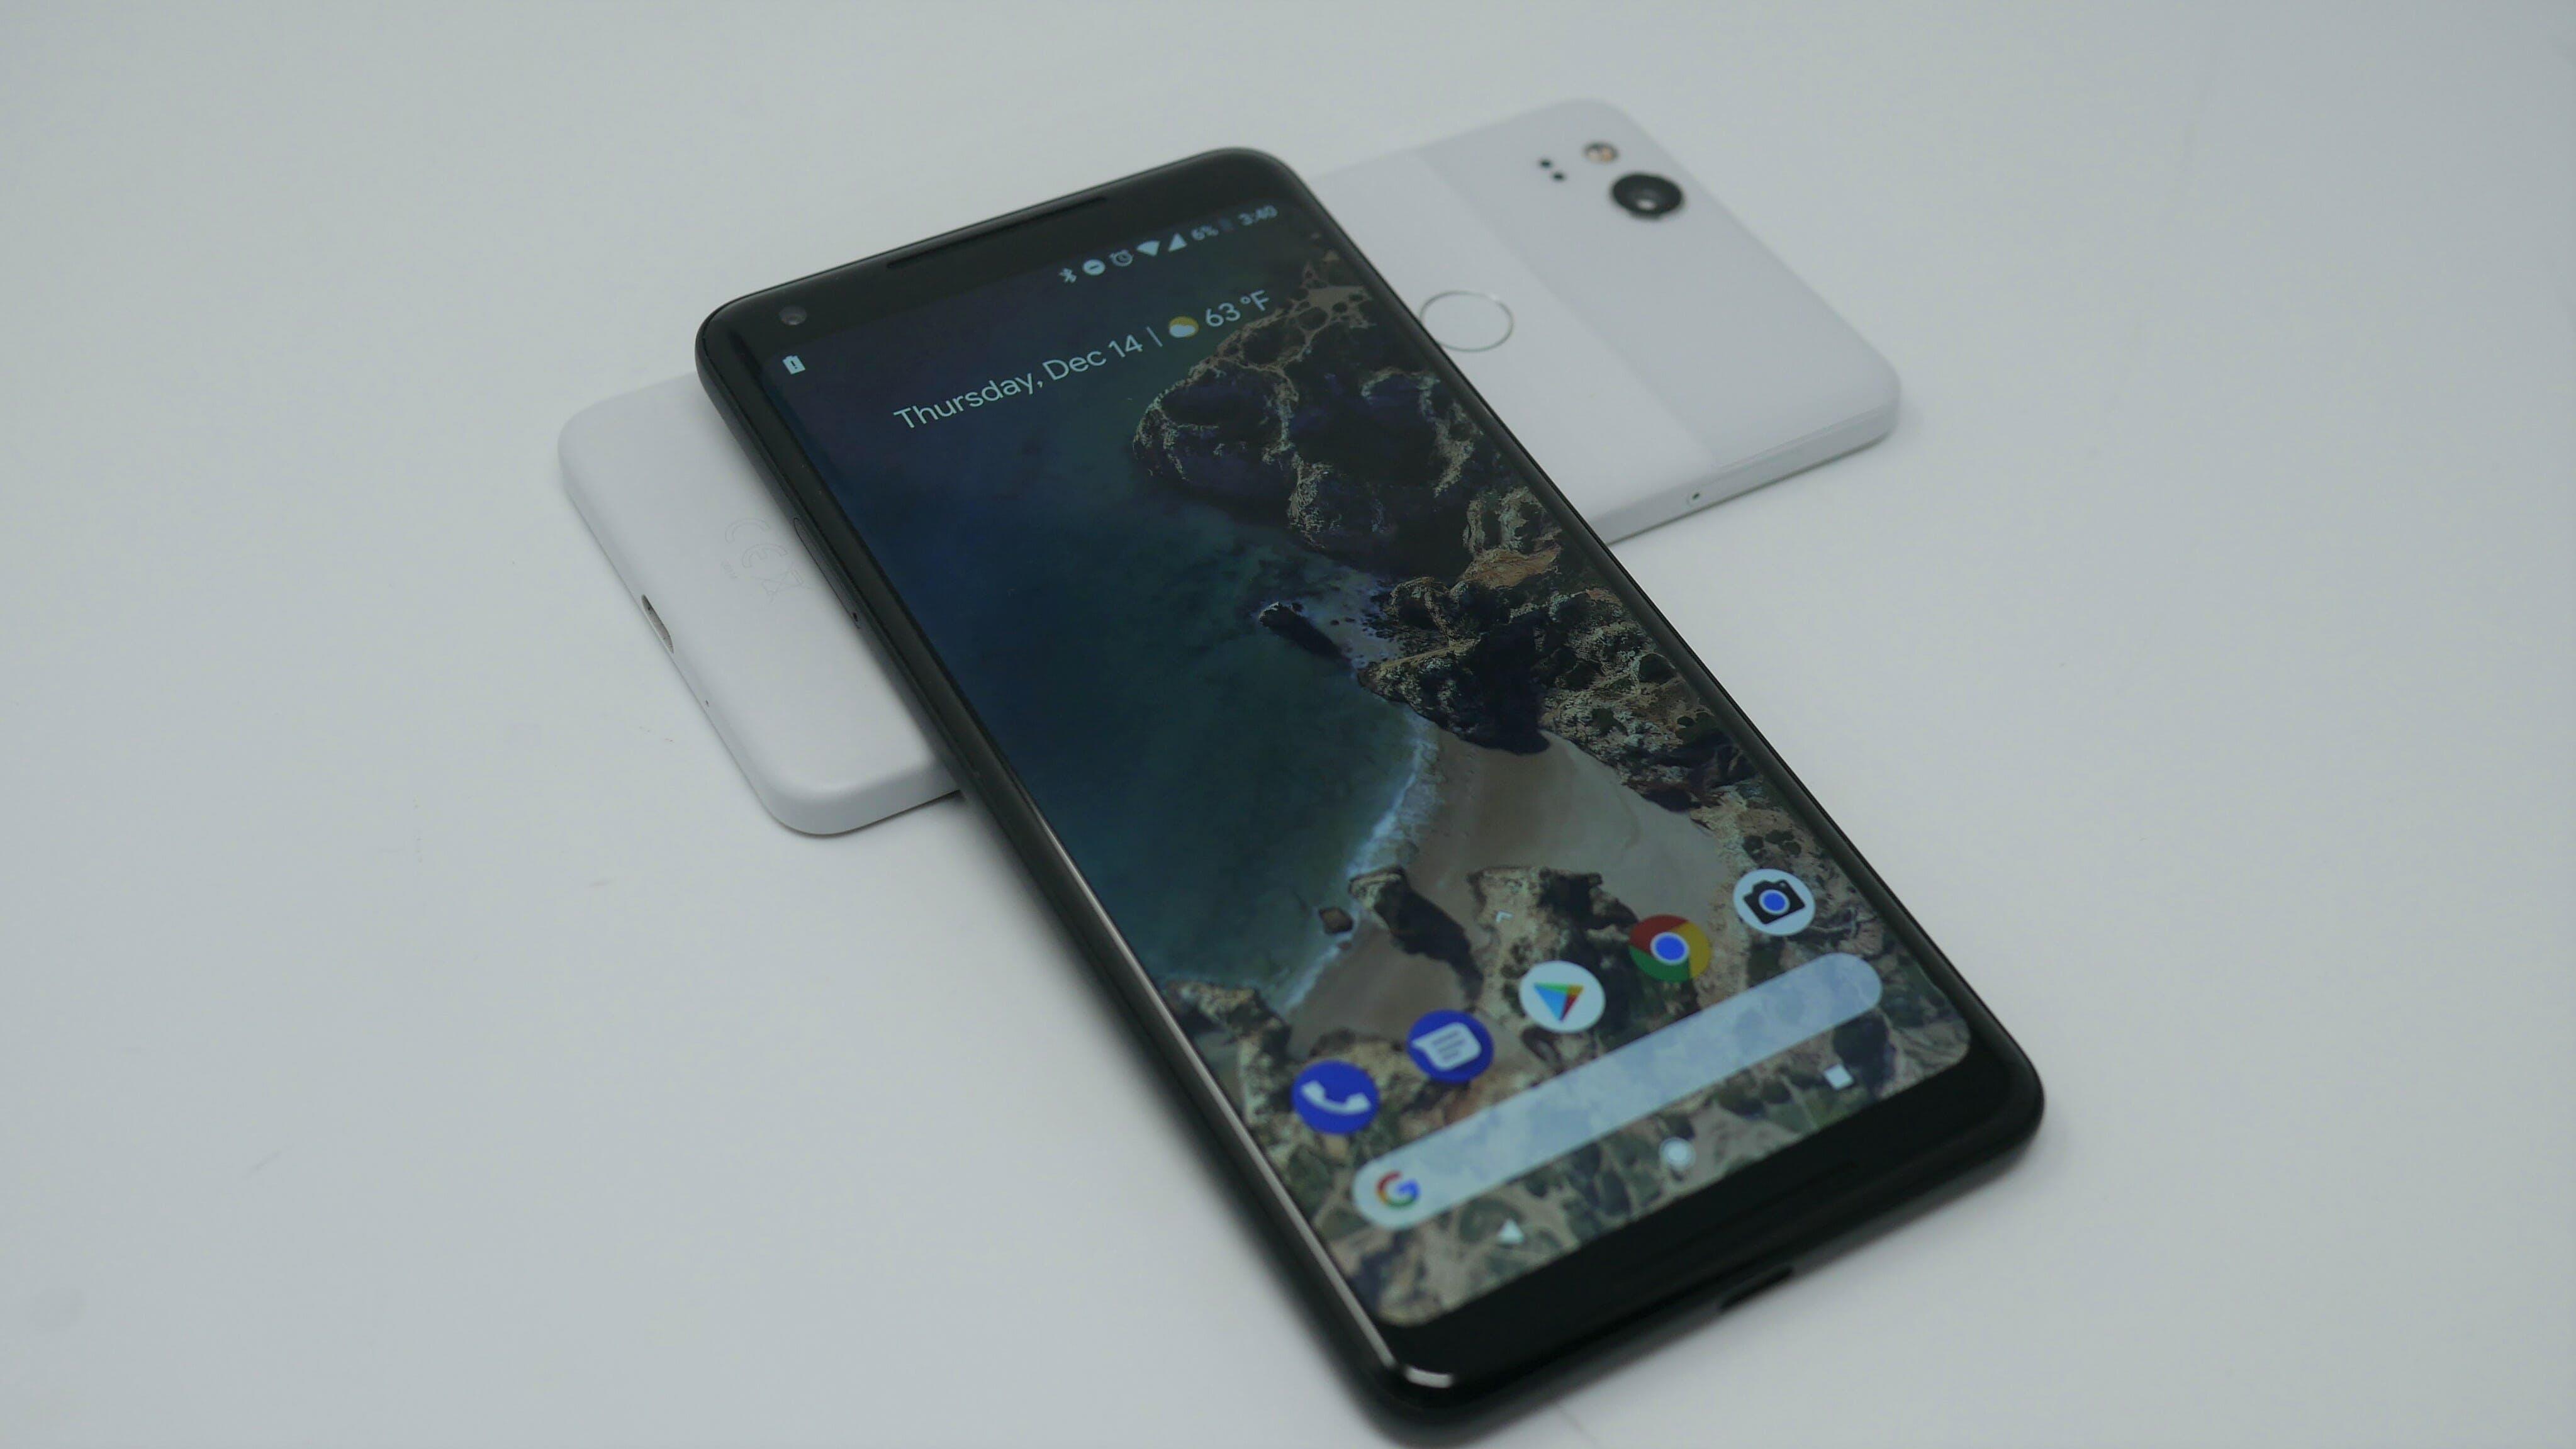 Project FI phones : google pixel 2 and pixel 2 xl smartphones